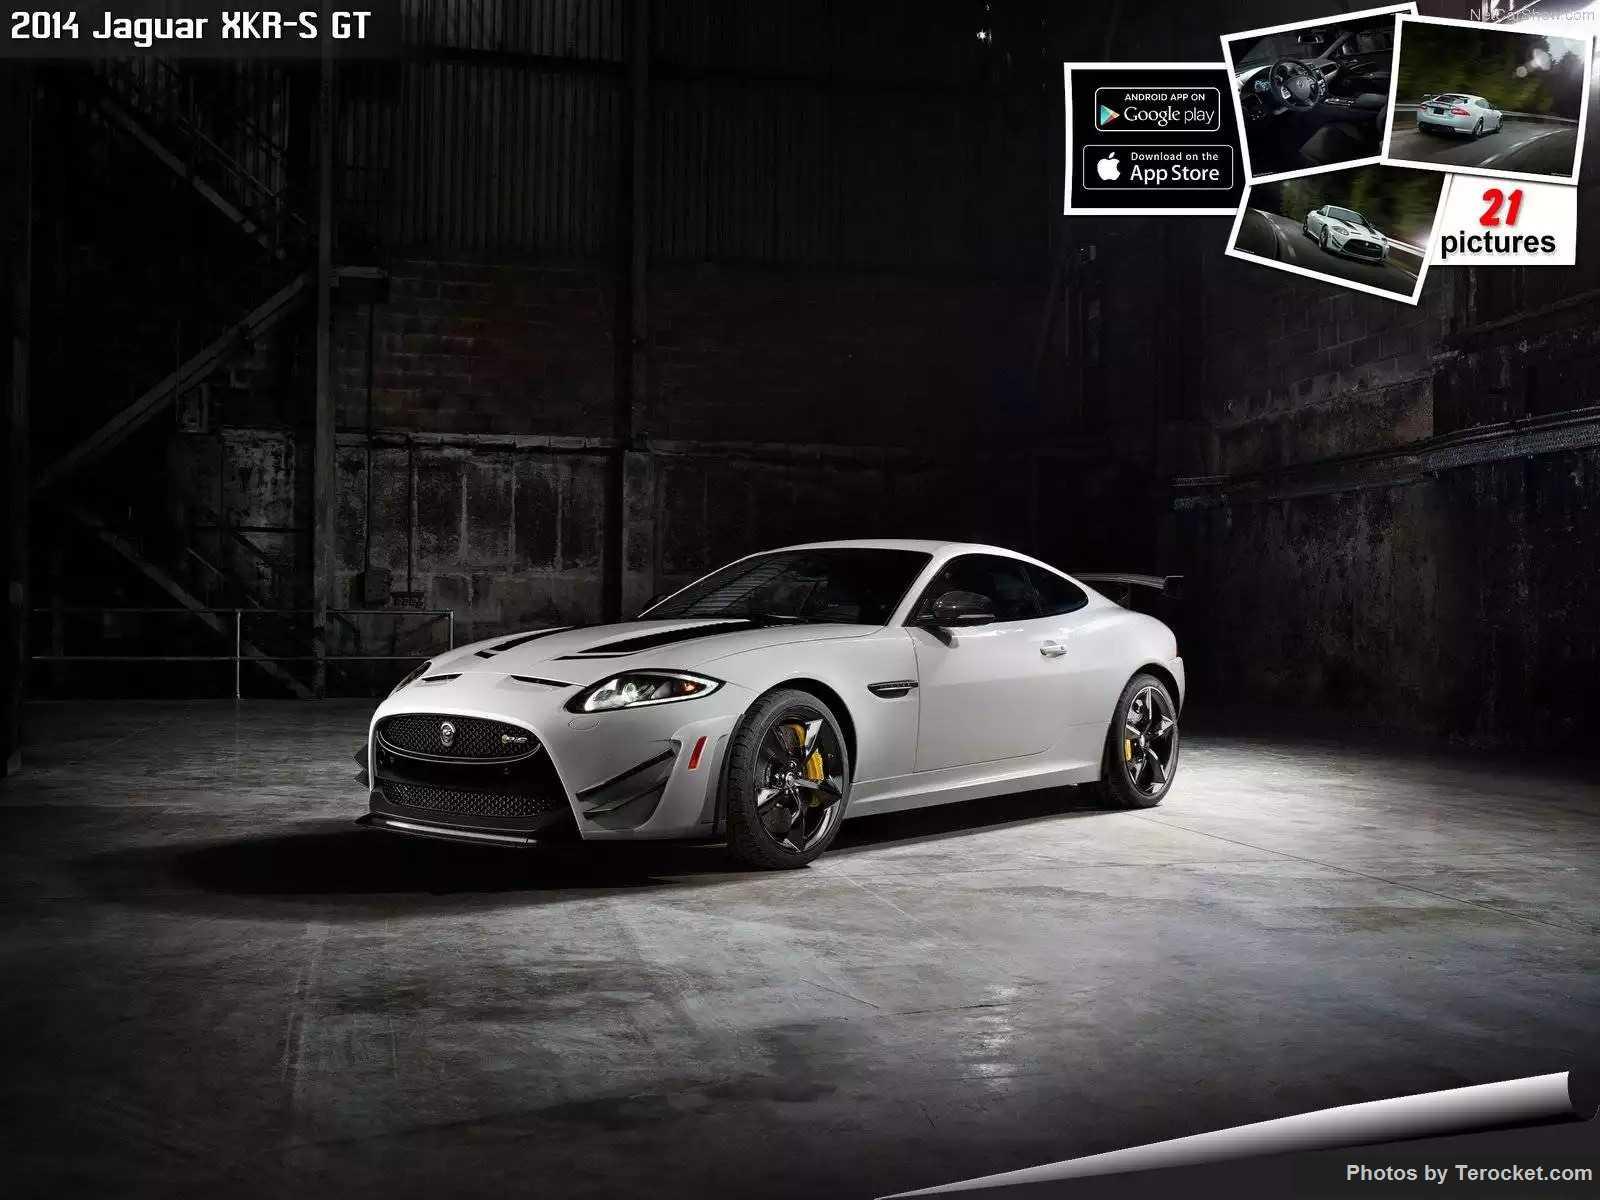 Hình ảnh xe ô tô Jaguar XKR-S GT 2014 & nội ngoại thất